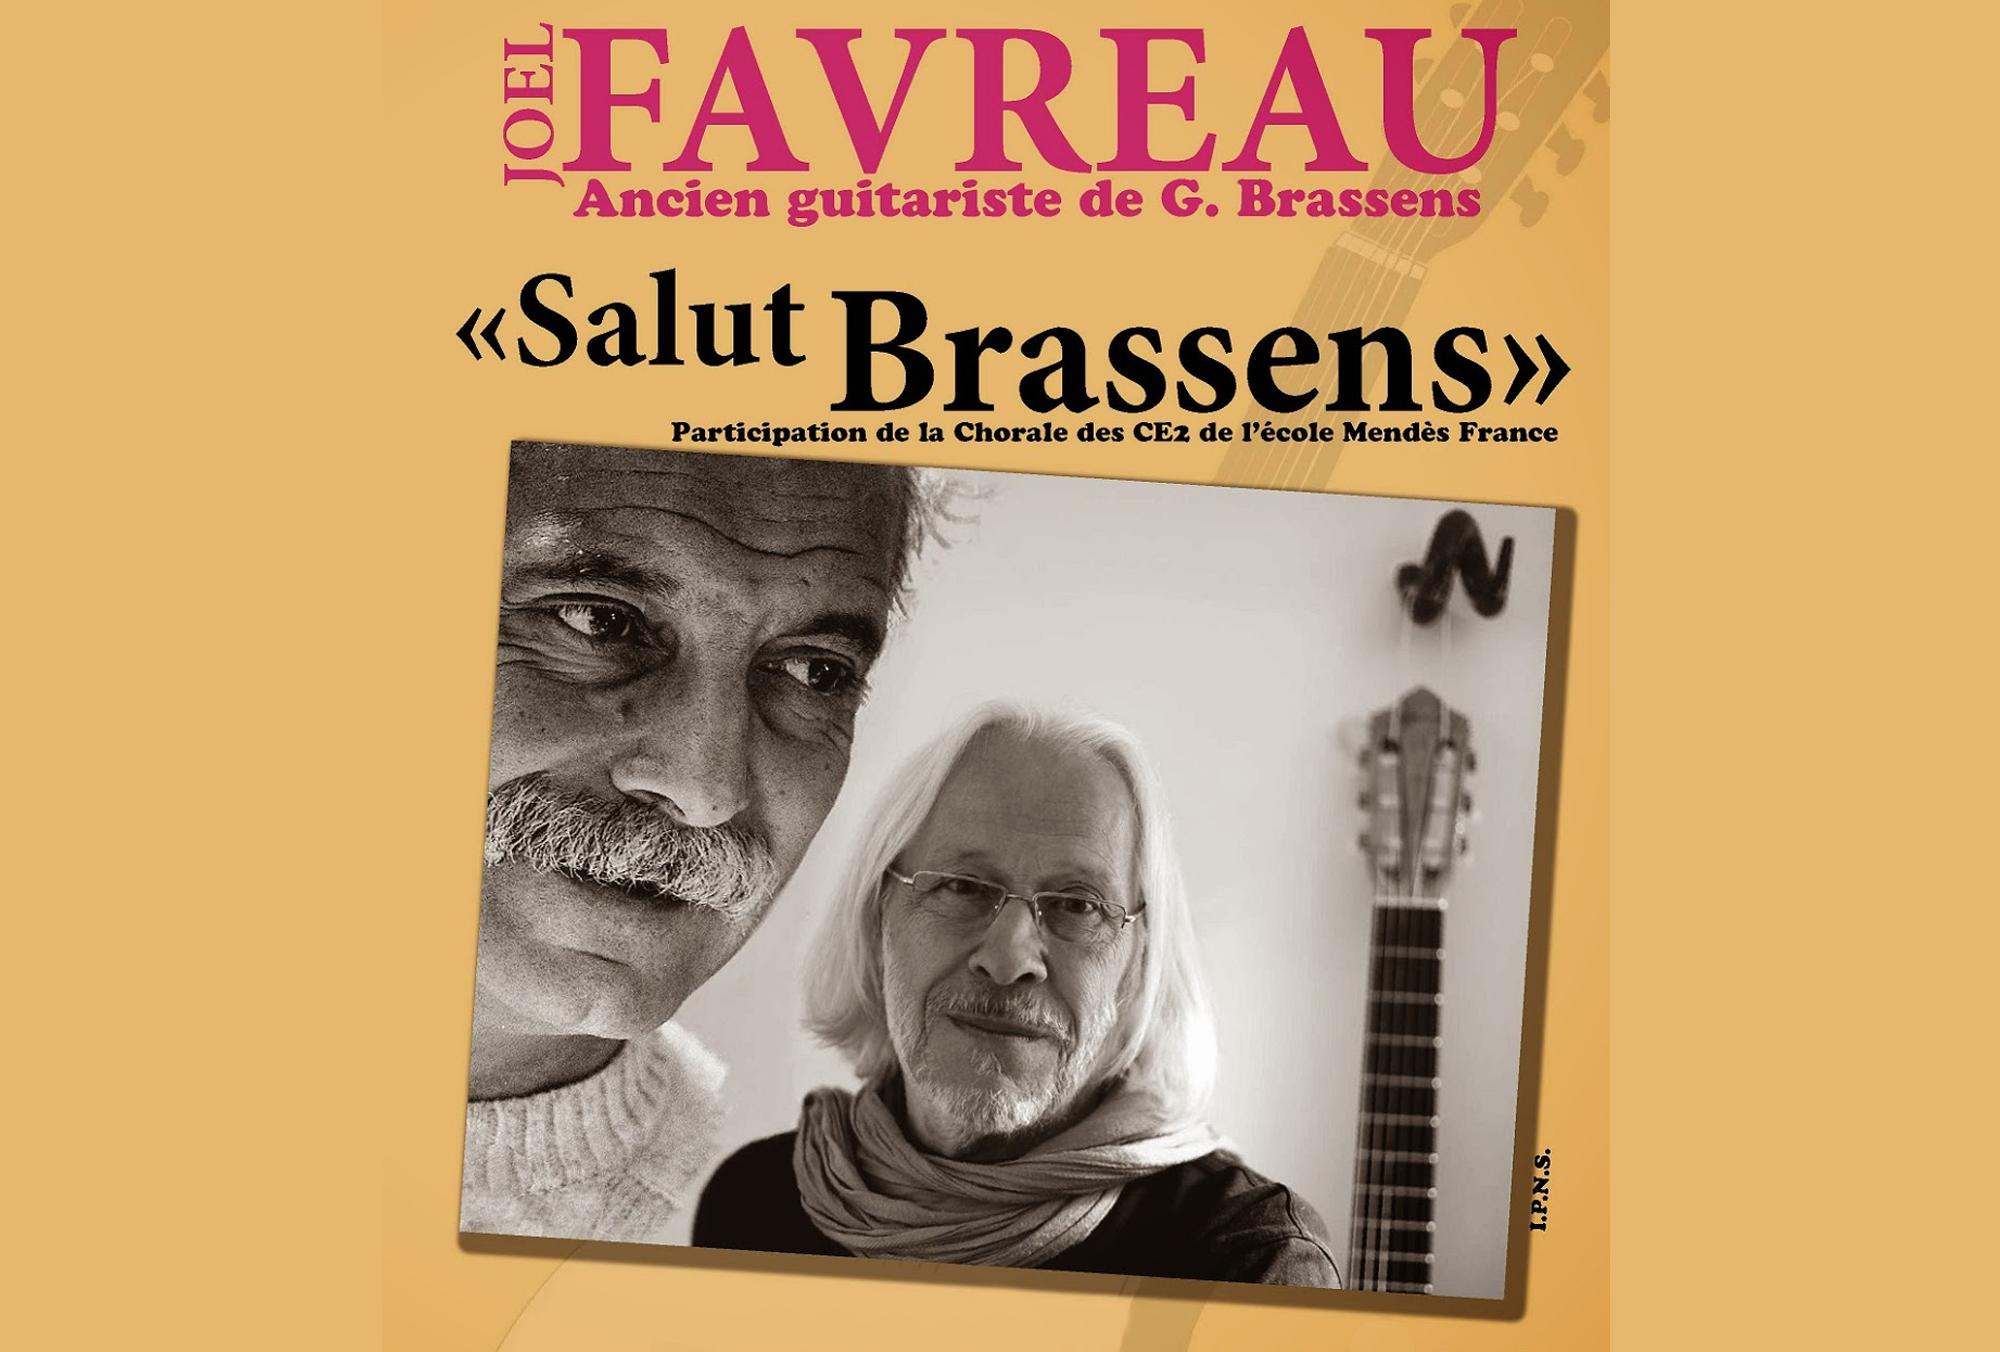 Joel-Favreau-salut-brassens